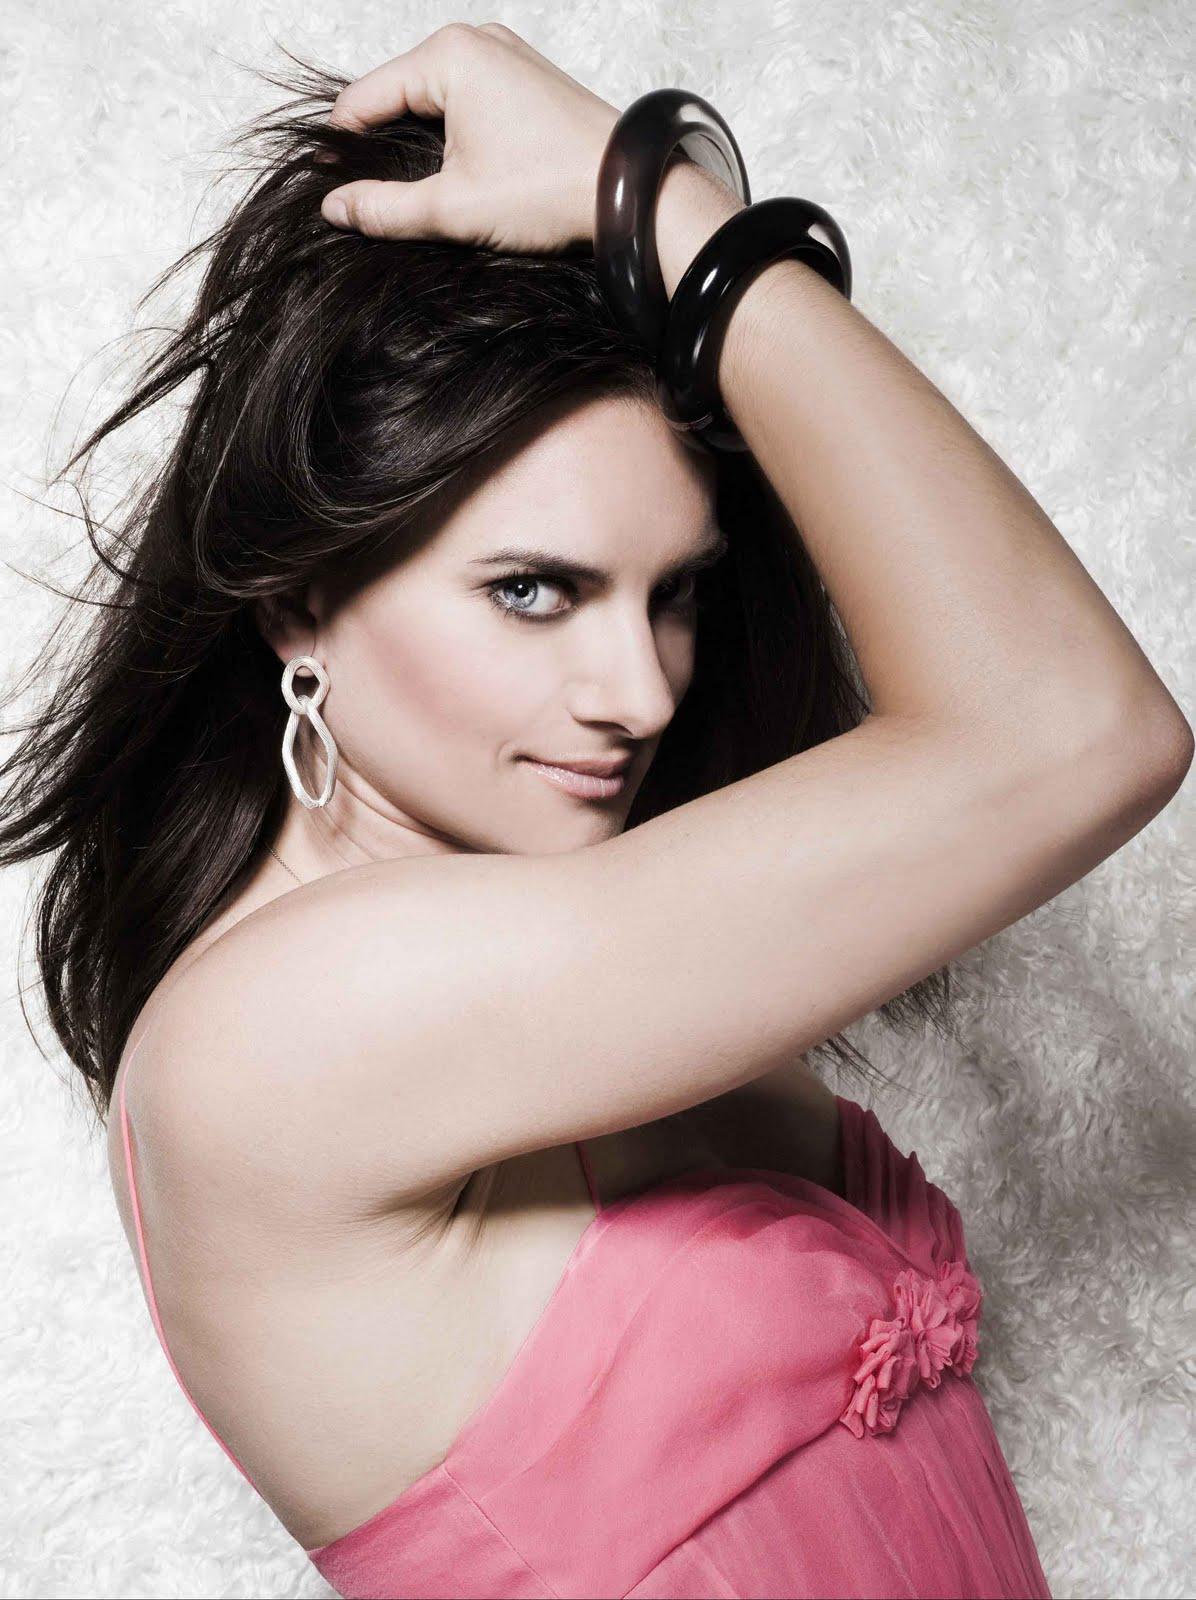 http://2.bp.blogspot.com/-VpN0Y3oBzbQ/Tejxx-T13hI/AAAAAAAACwI/BL1NbQ5QpZ0/s1600/Yelena+Isinbayeva+Hot+Photoshoot+2.jpg